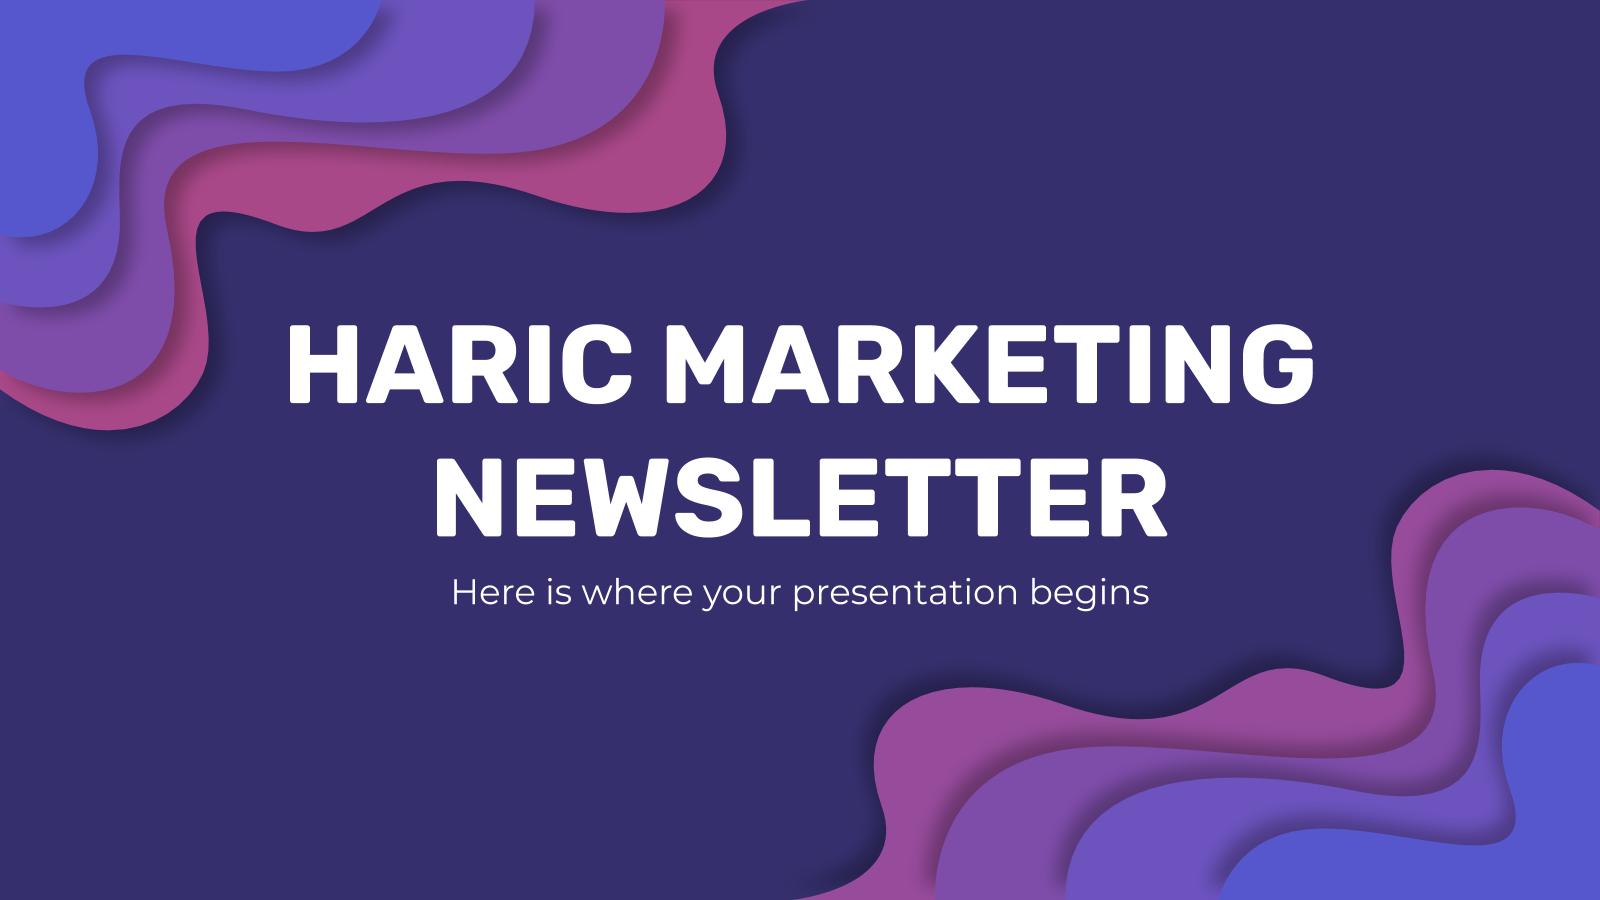 Newsletter Haric : Modèles de présentation